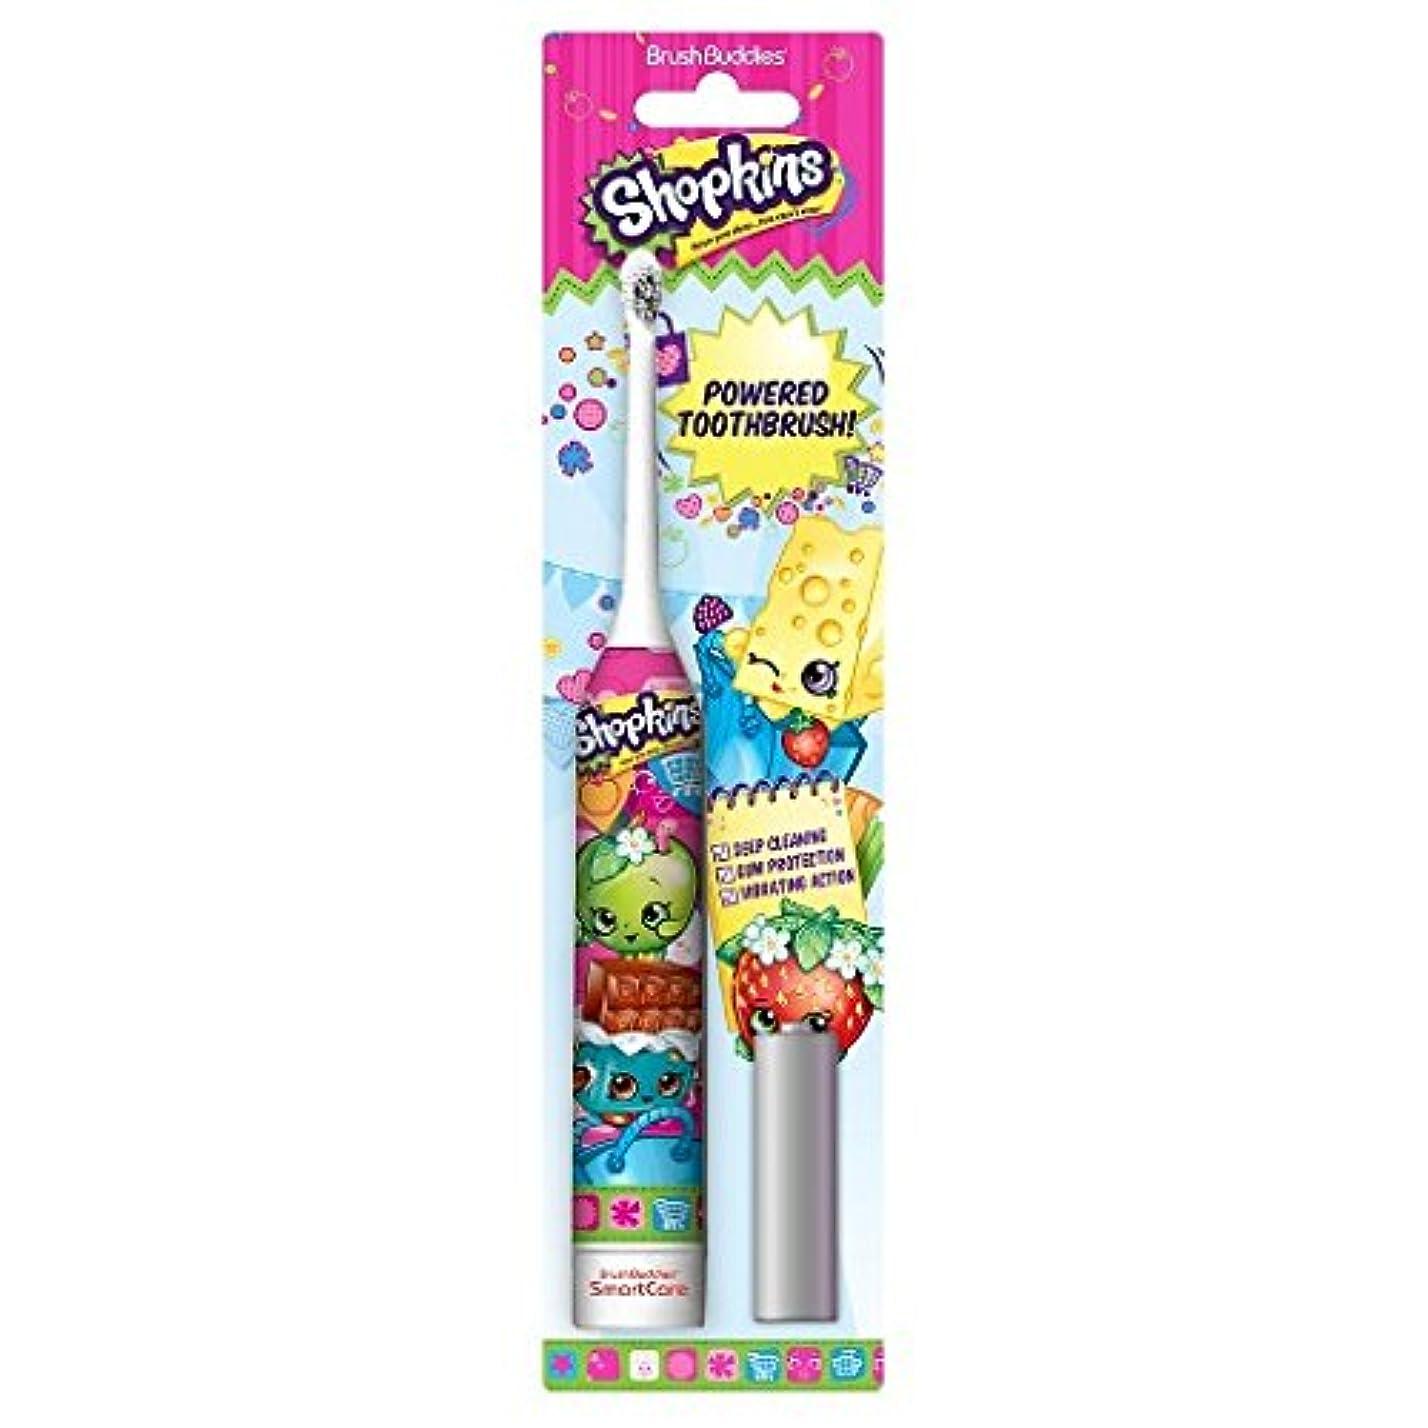 沈黙義務付けられた残酷なBrush Buddies Shopkins Sonic Powered Toothbrush ソニックパワード電動歯ブラシ [並行輸入品]